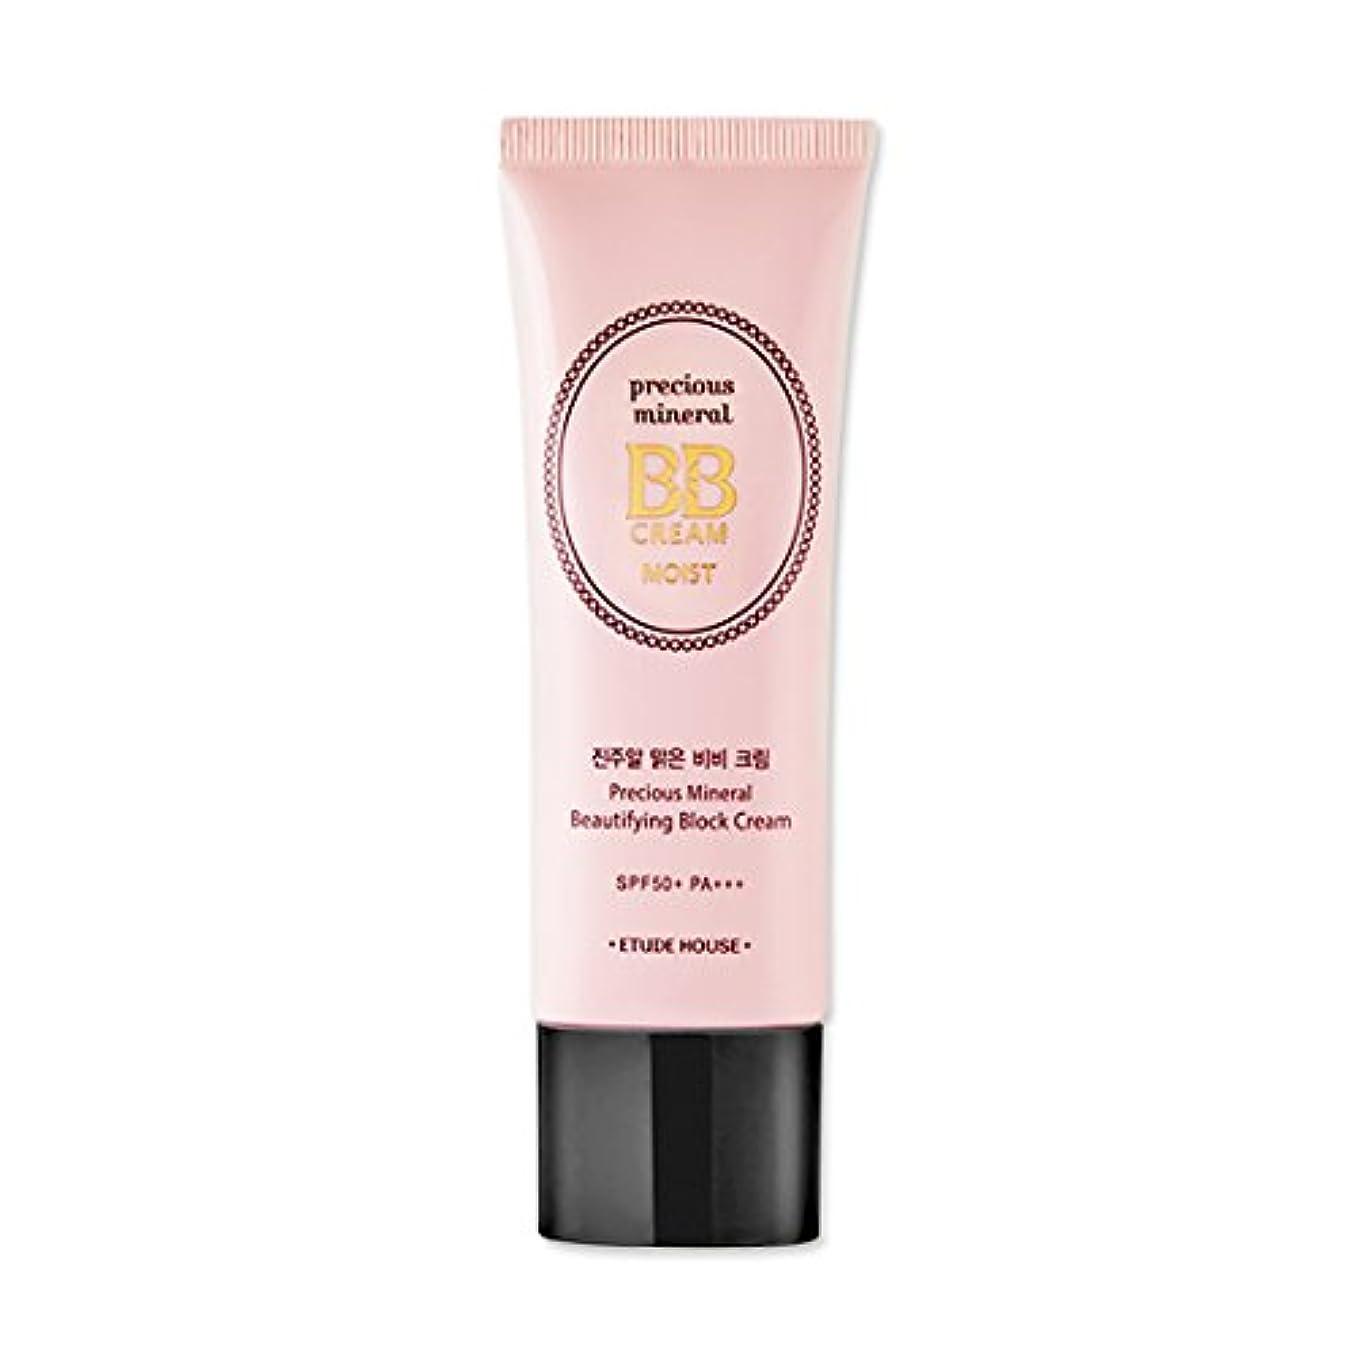 ファンシー恨み助けて[New] ETUDE HOUSE Precious Mineral BB Cream * Moist * 45g/エチュードハウス プレシャス ミネラル BBクリーム * モイスト * 45g (#Sand) [並行輸入品]